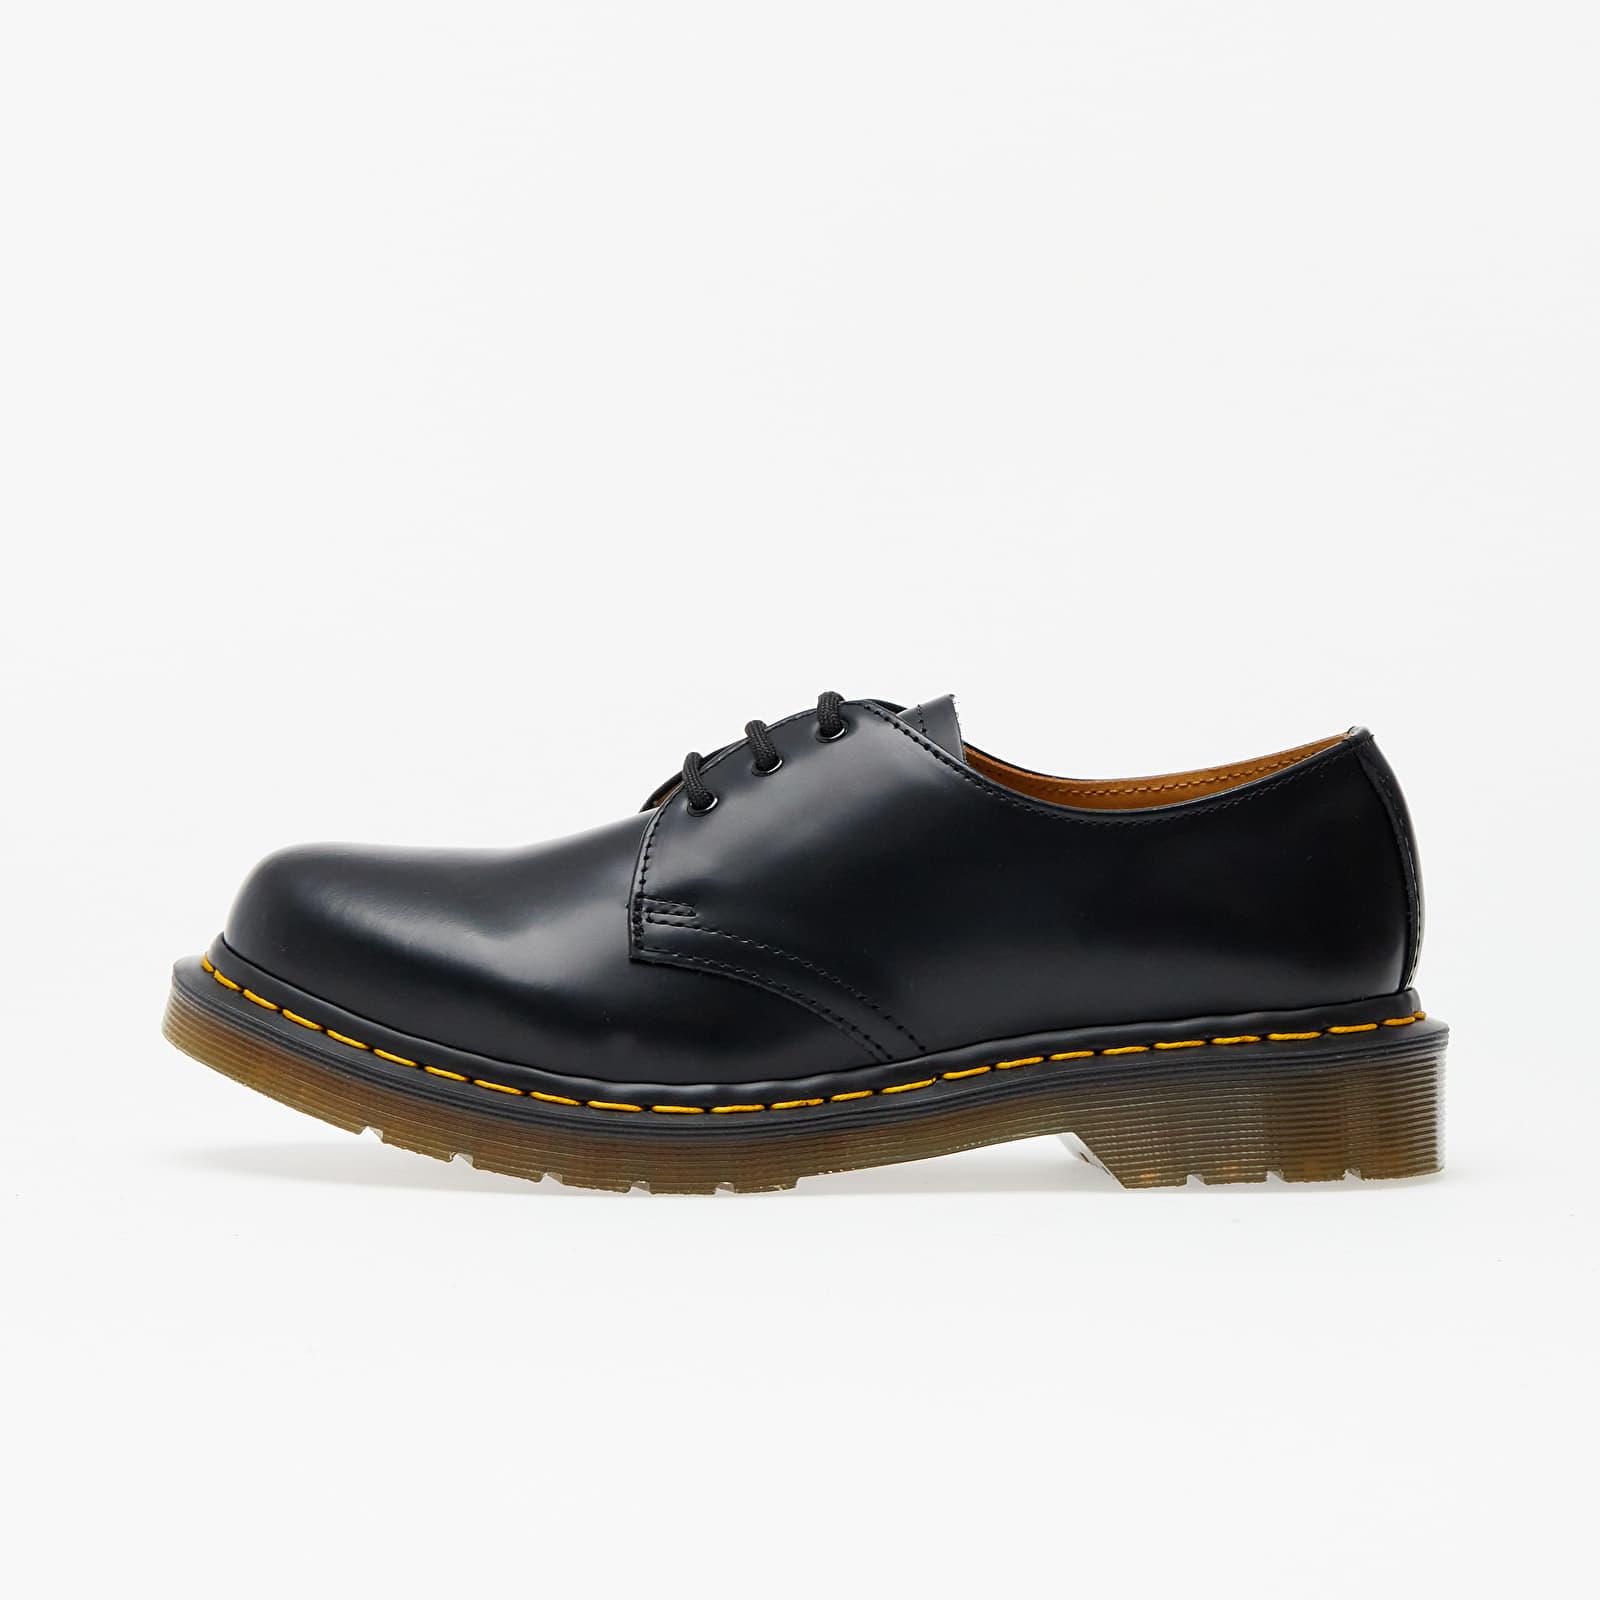 Zapatillas mujer Dr. Martens 1461 W Black Smooth